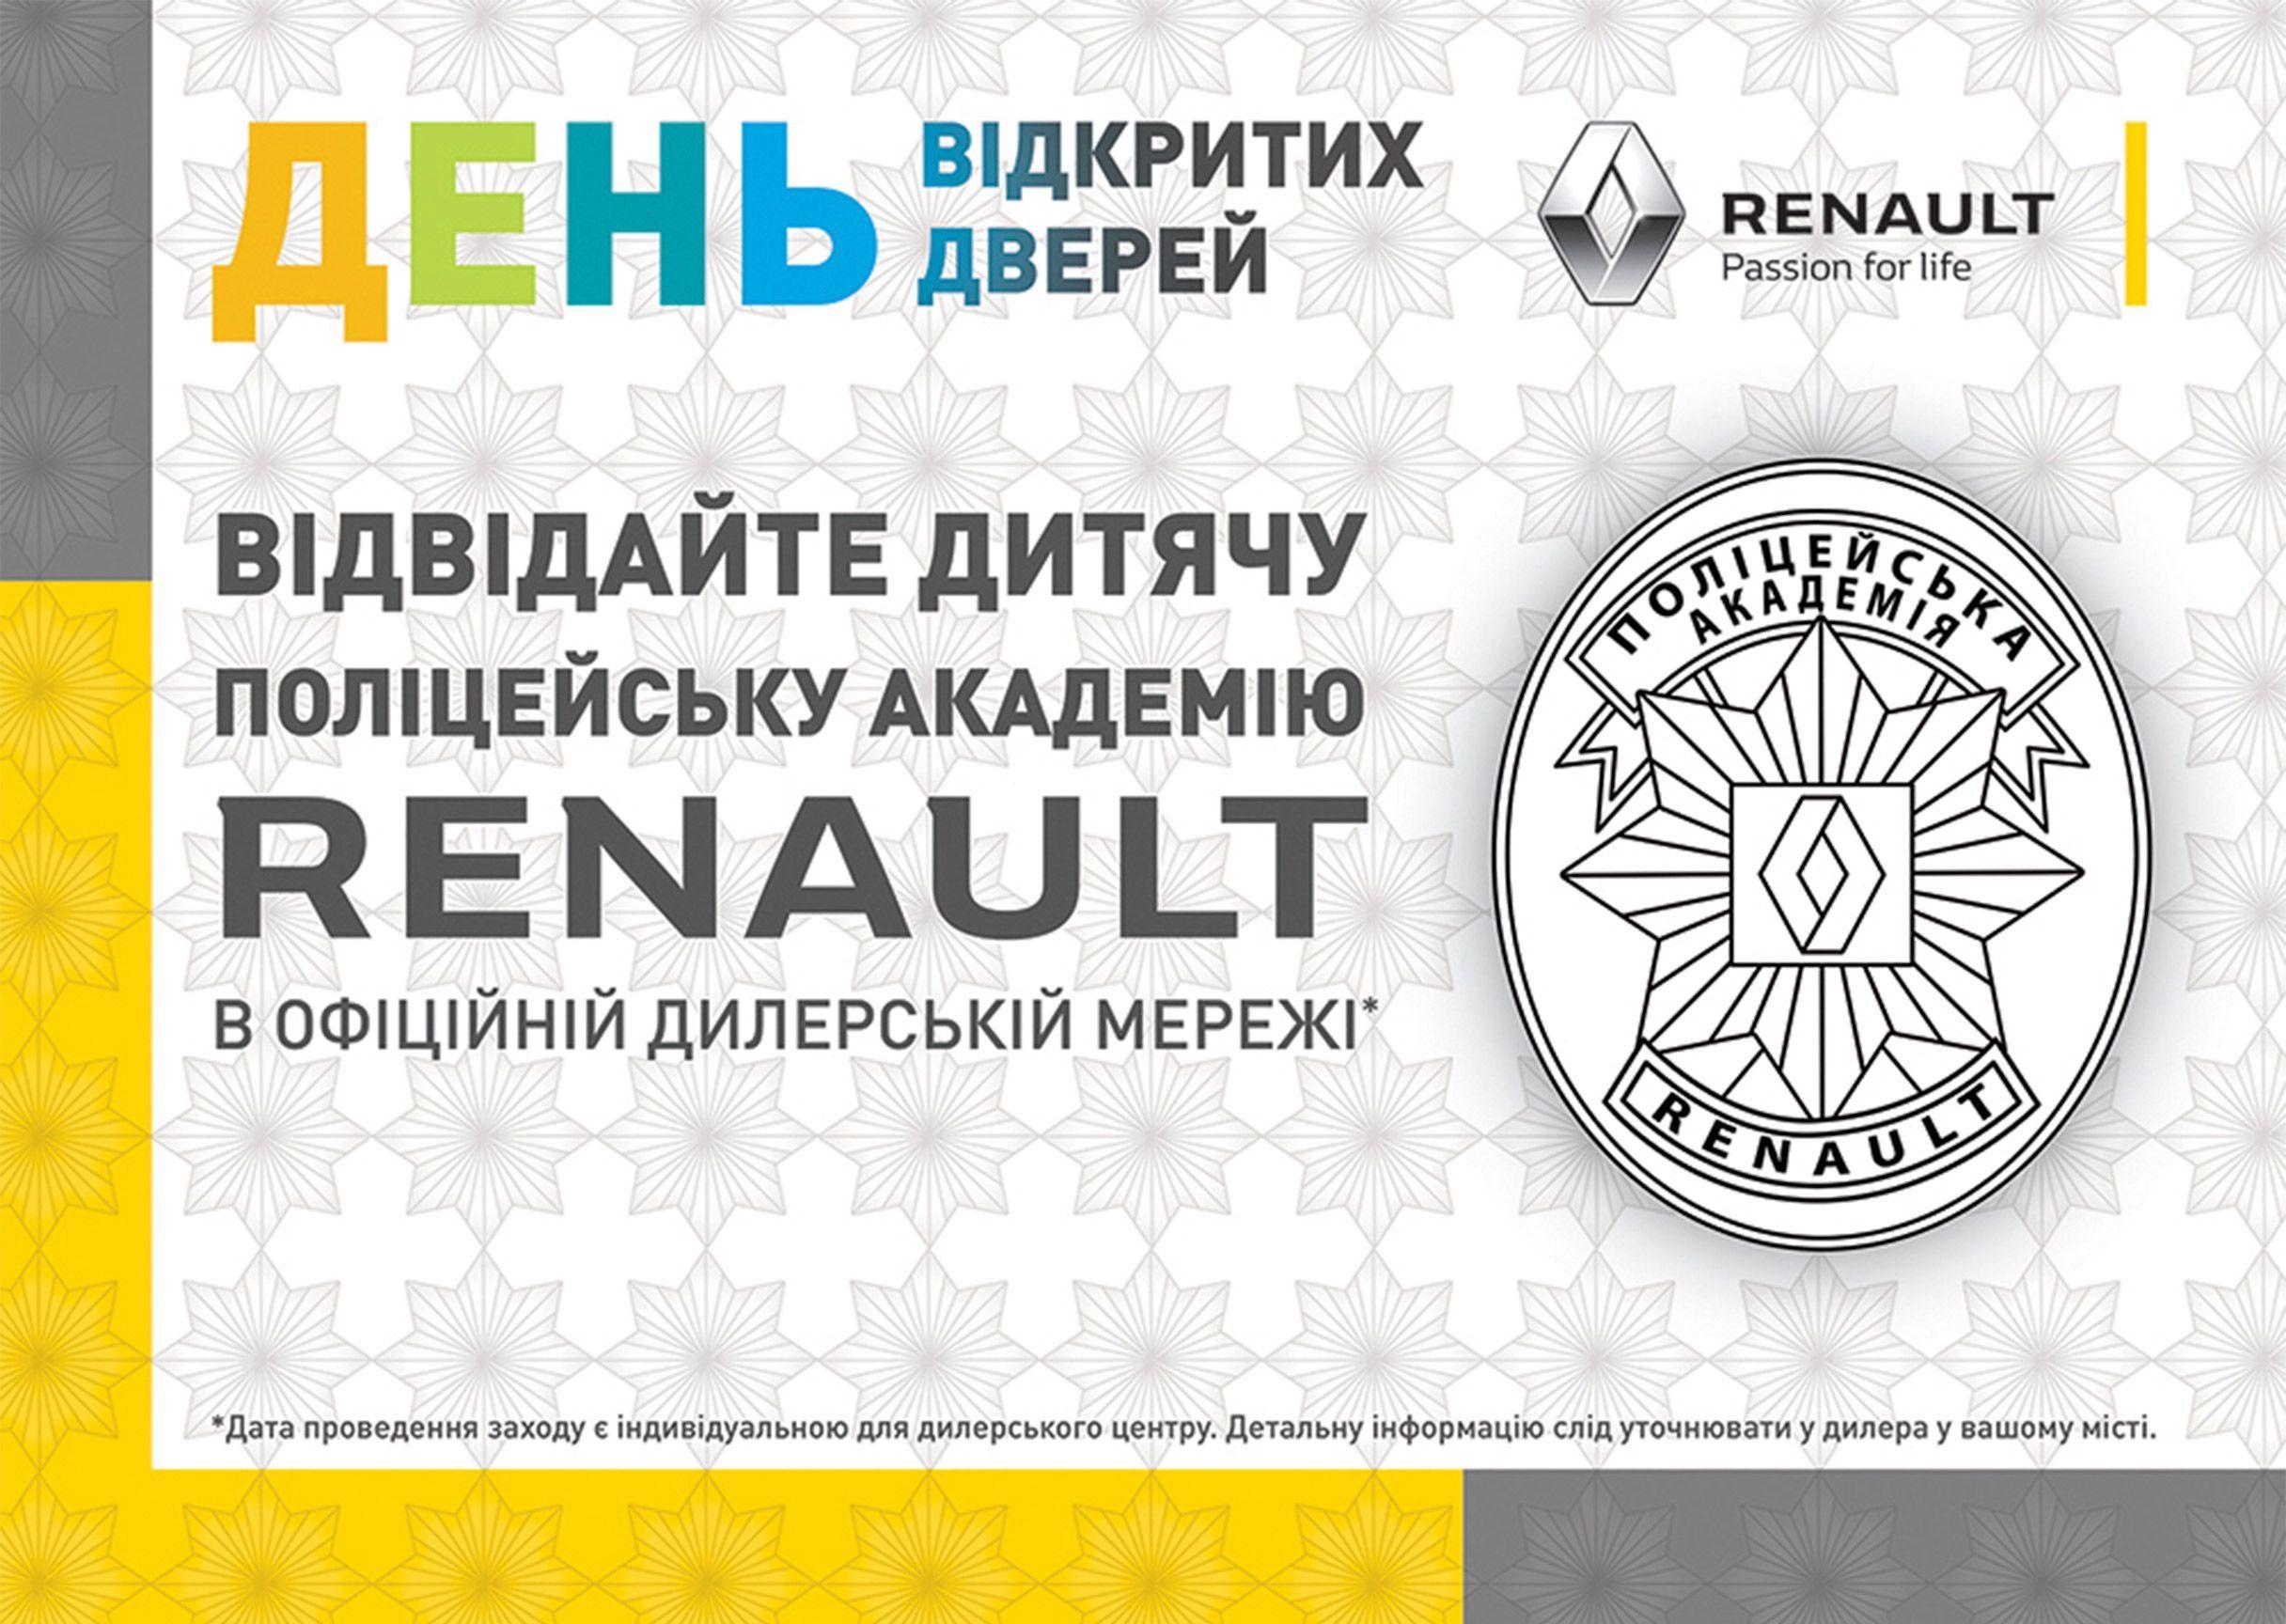 Дні безпеки від Renault: дитяча поліцейська академія